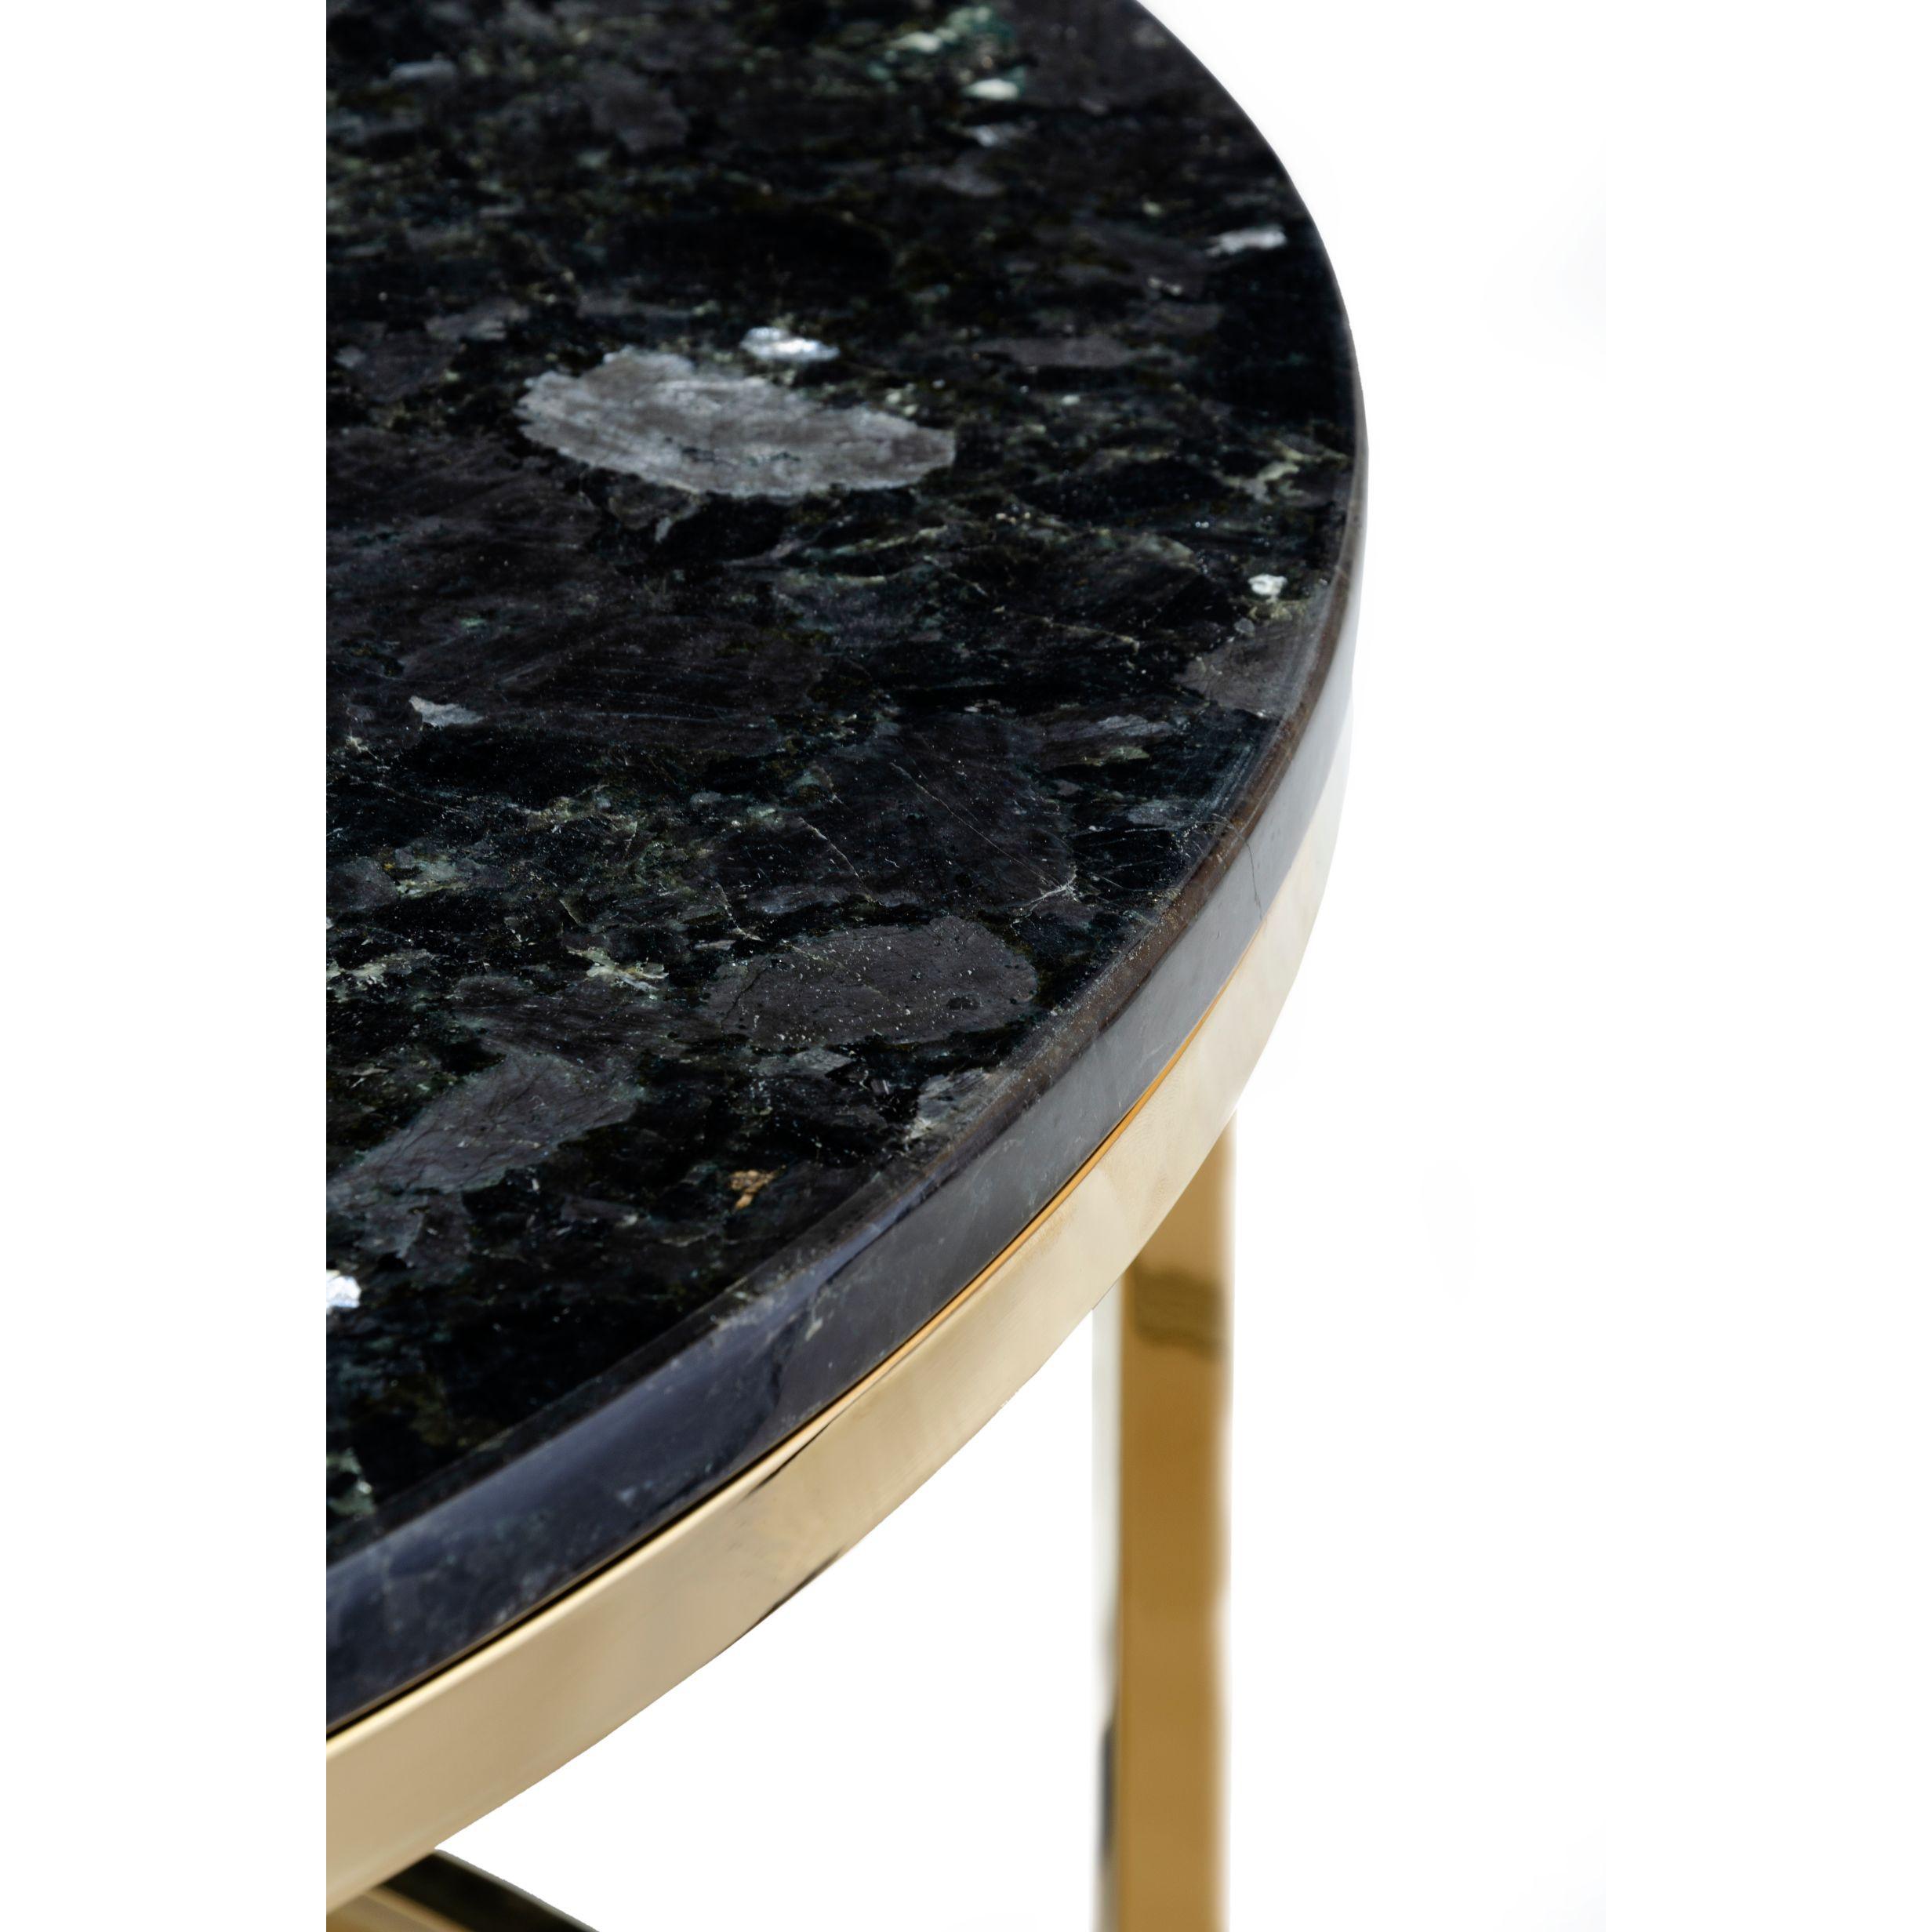 Beistelltisch Accent Black Crystall | Schwarz & Gold